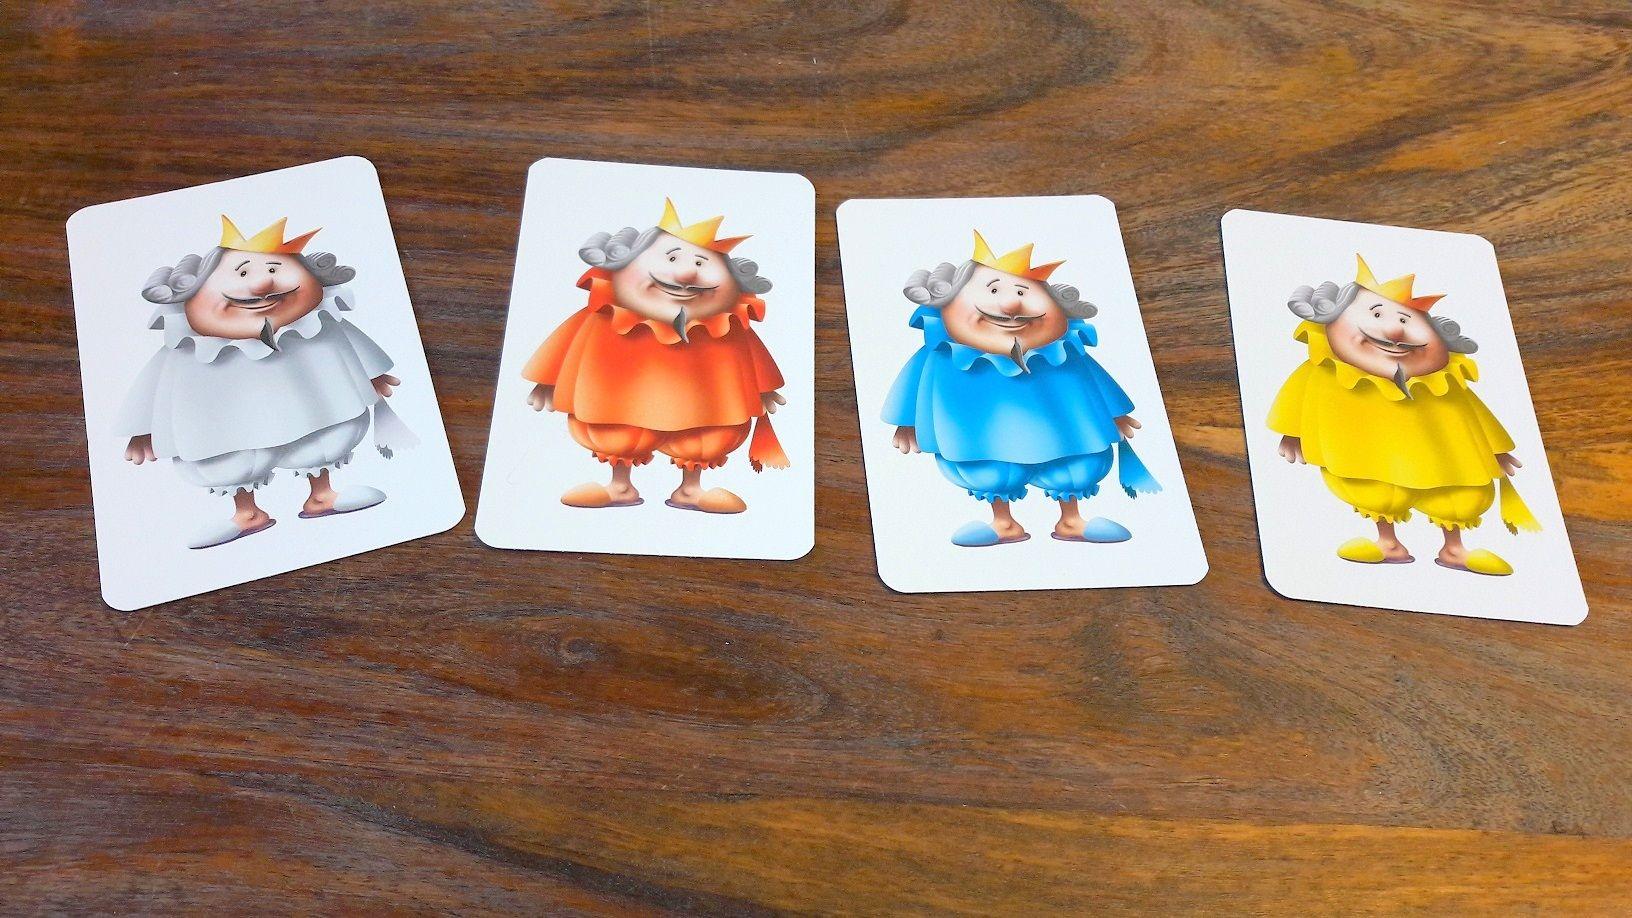 Oui la famille royale possède 4 couleurs de pyjama et chacun en plusieurs exemplaires !